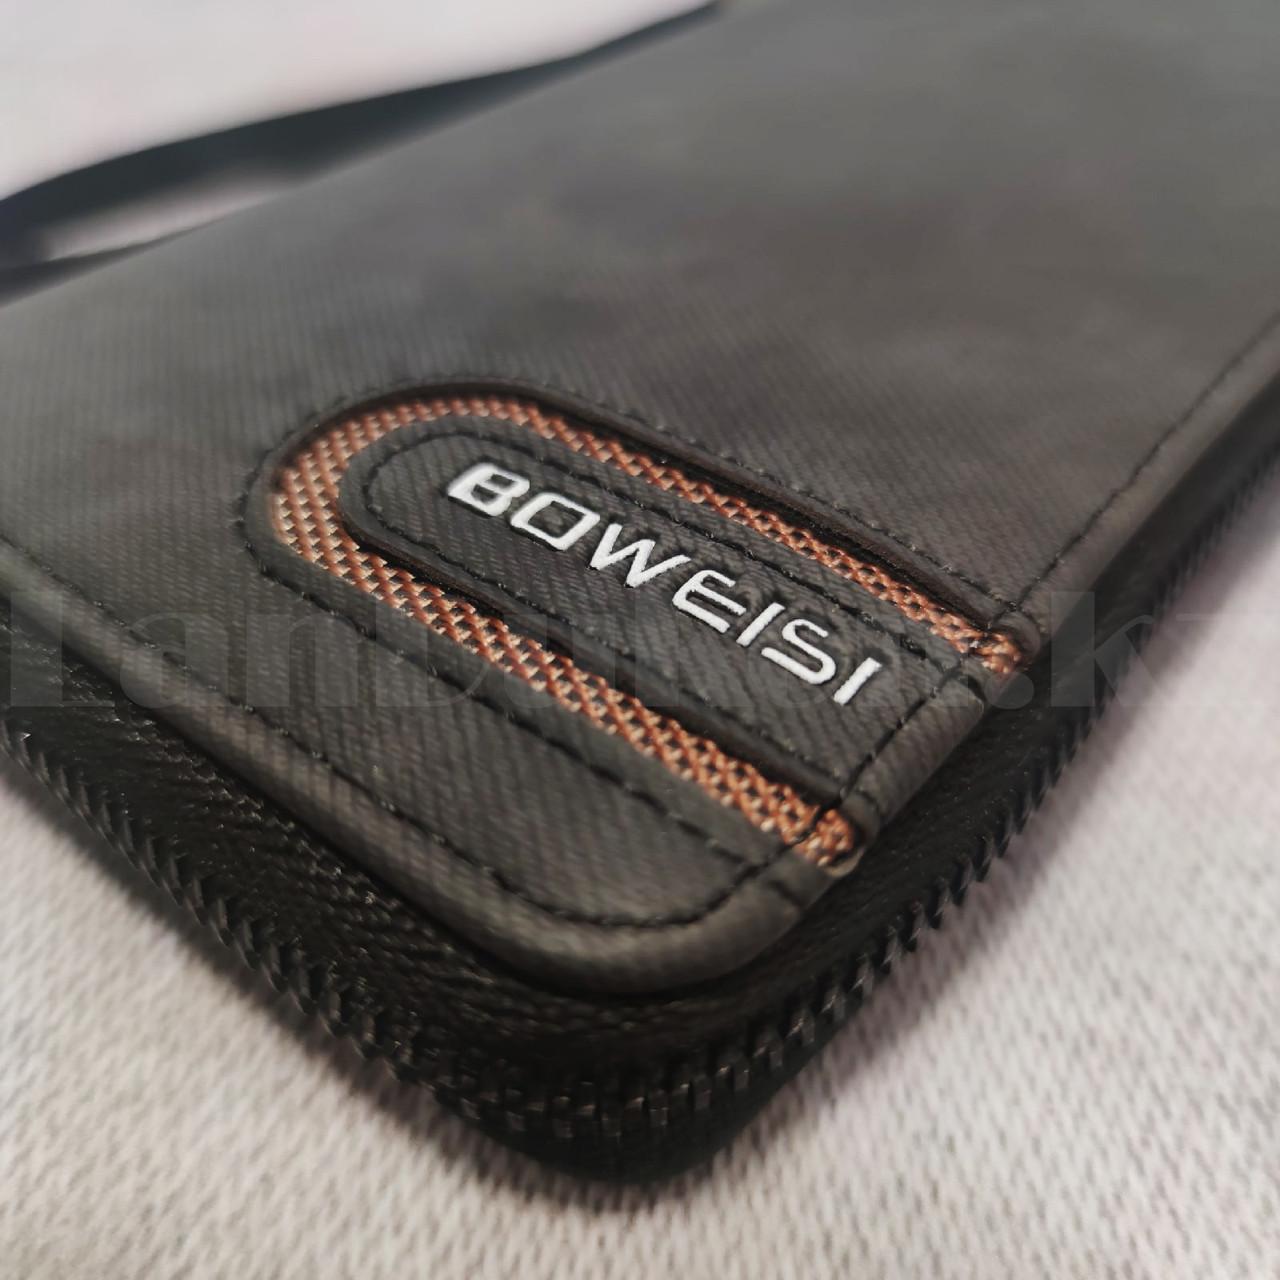 Портмоне визитница кошелек черный клатч 335 - фото 4